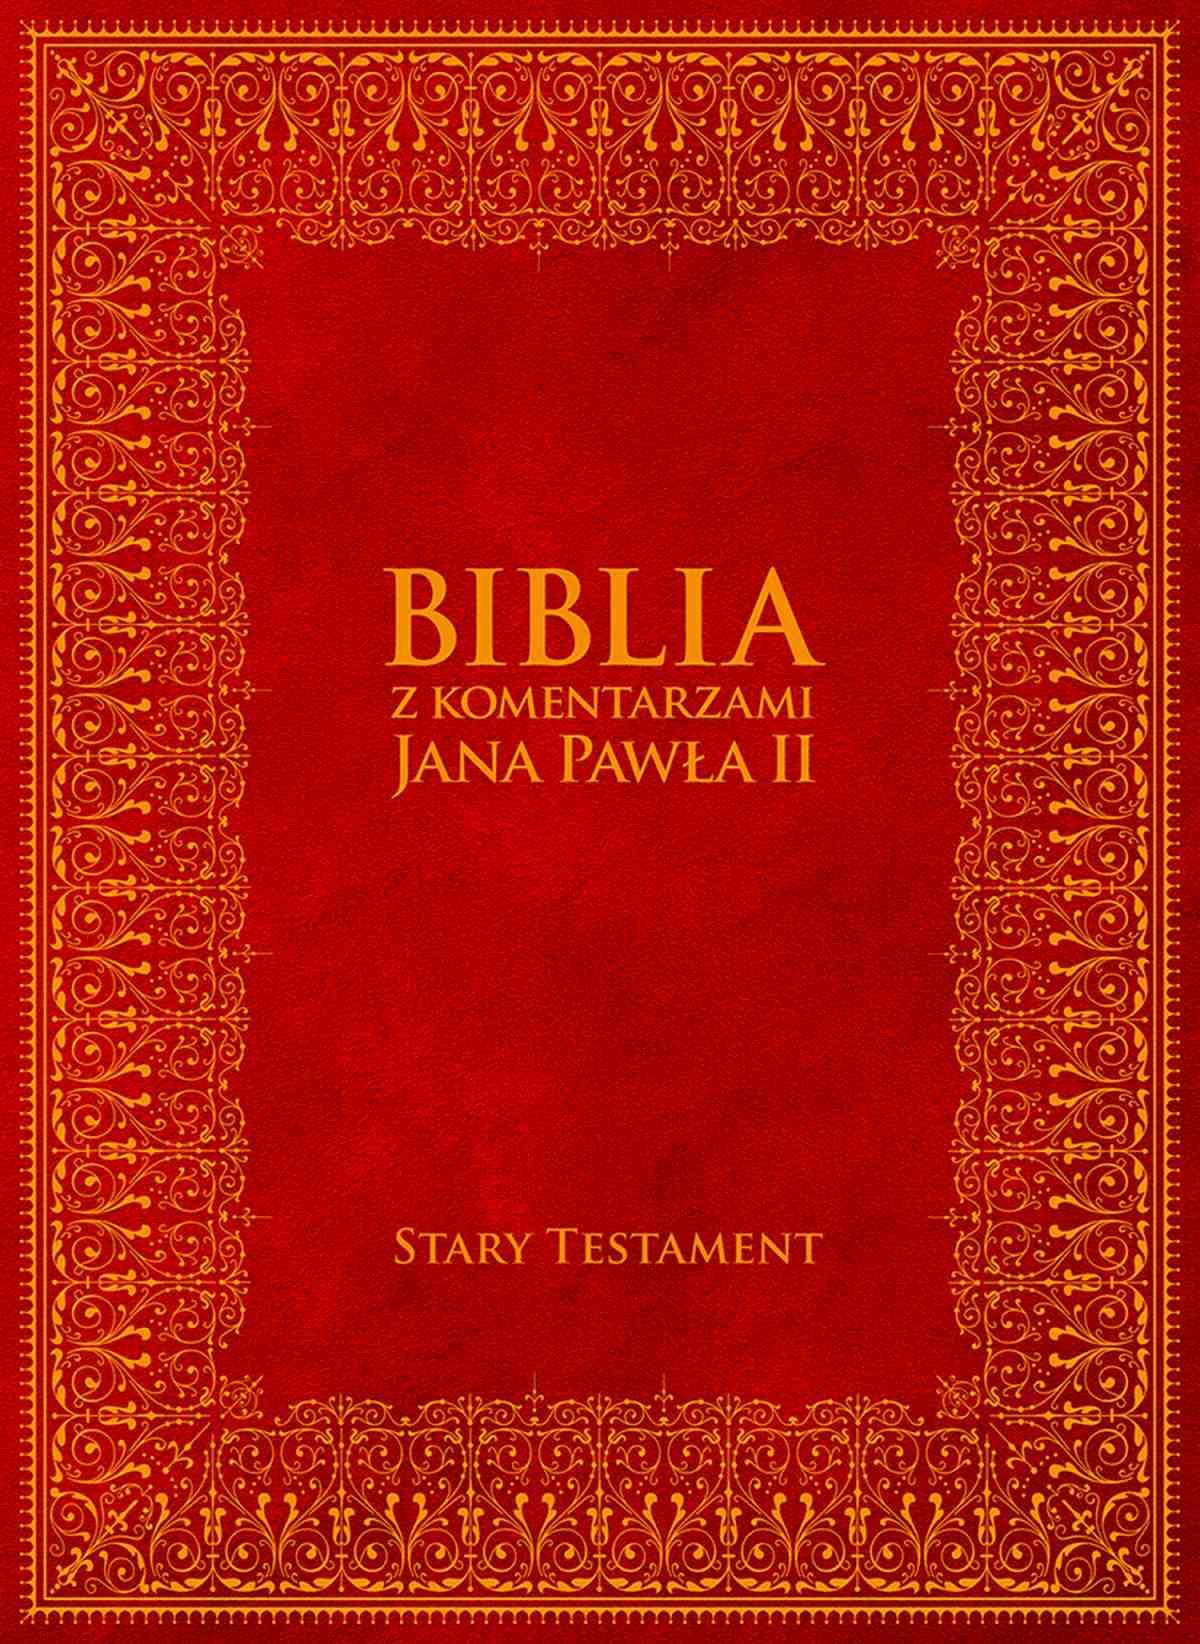 Biblia z Komentarzami Jana Pawła II. Stary Testament - Ebook (Książka na Kindle) do pobrania w formacie MOBI